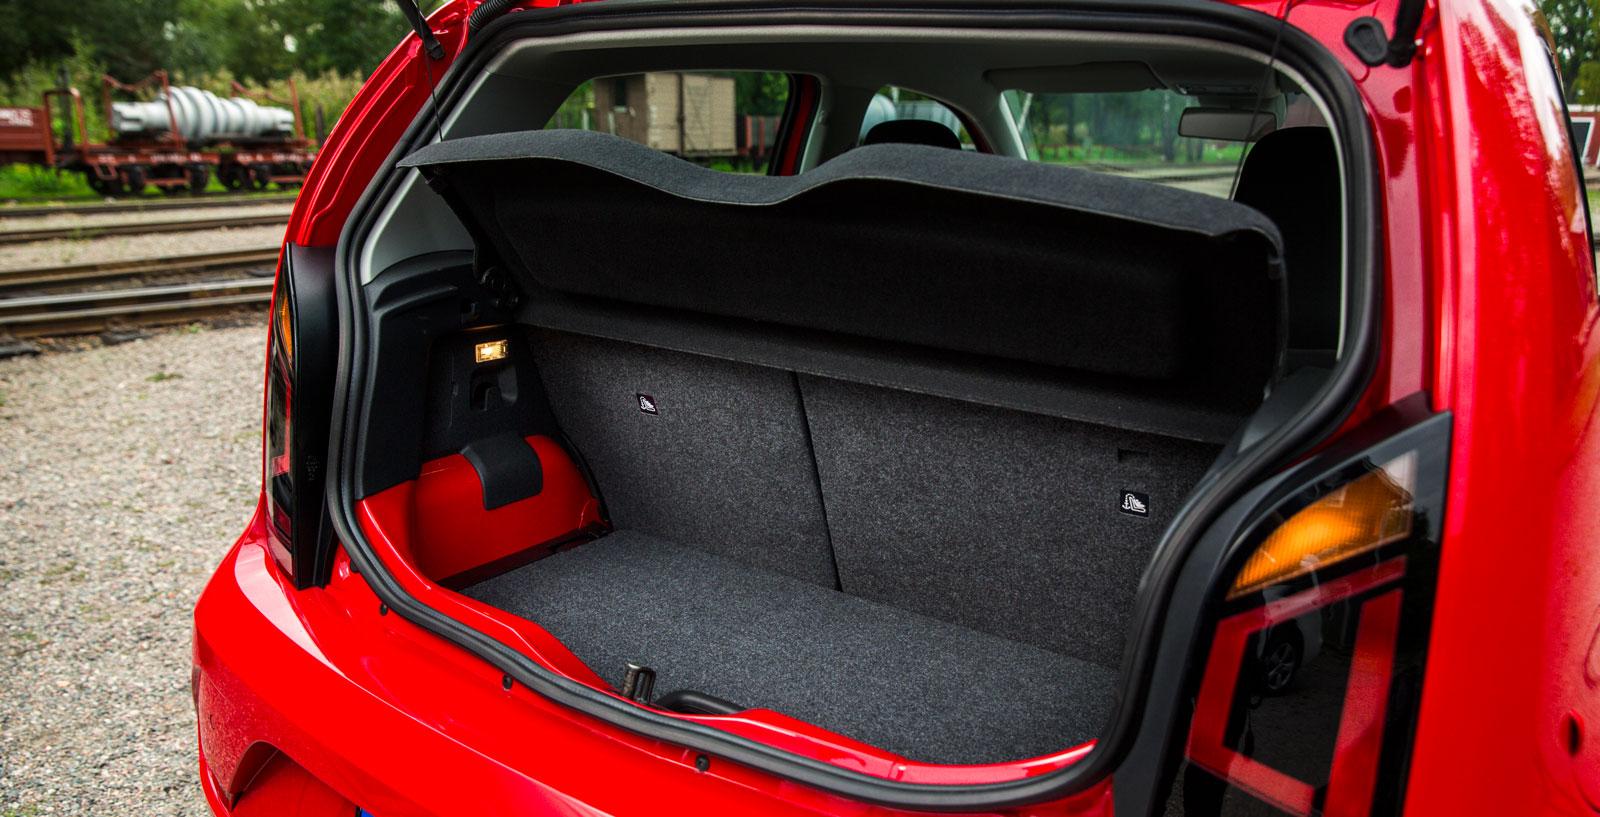 """VW:s lastgolv är höj-/sänkbart och bilen är testets bästa bagageslukare i skarpt läge (drickabacksmetoden). Numera följer dessutom hatthyllan med när man öppnar bakluckan, den """"lyxen"""" fanns inte förr. Baksätets ryggstöd kan fällas i förhållandet 60/40 och lampa samt dubbla kasskrokar är standard."""